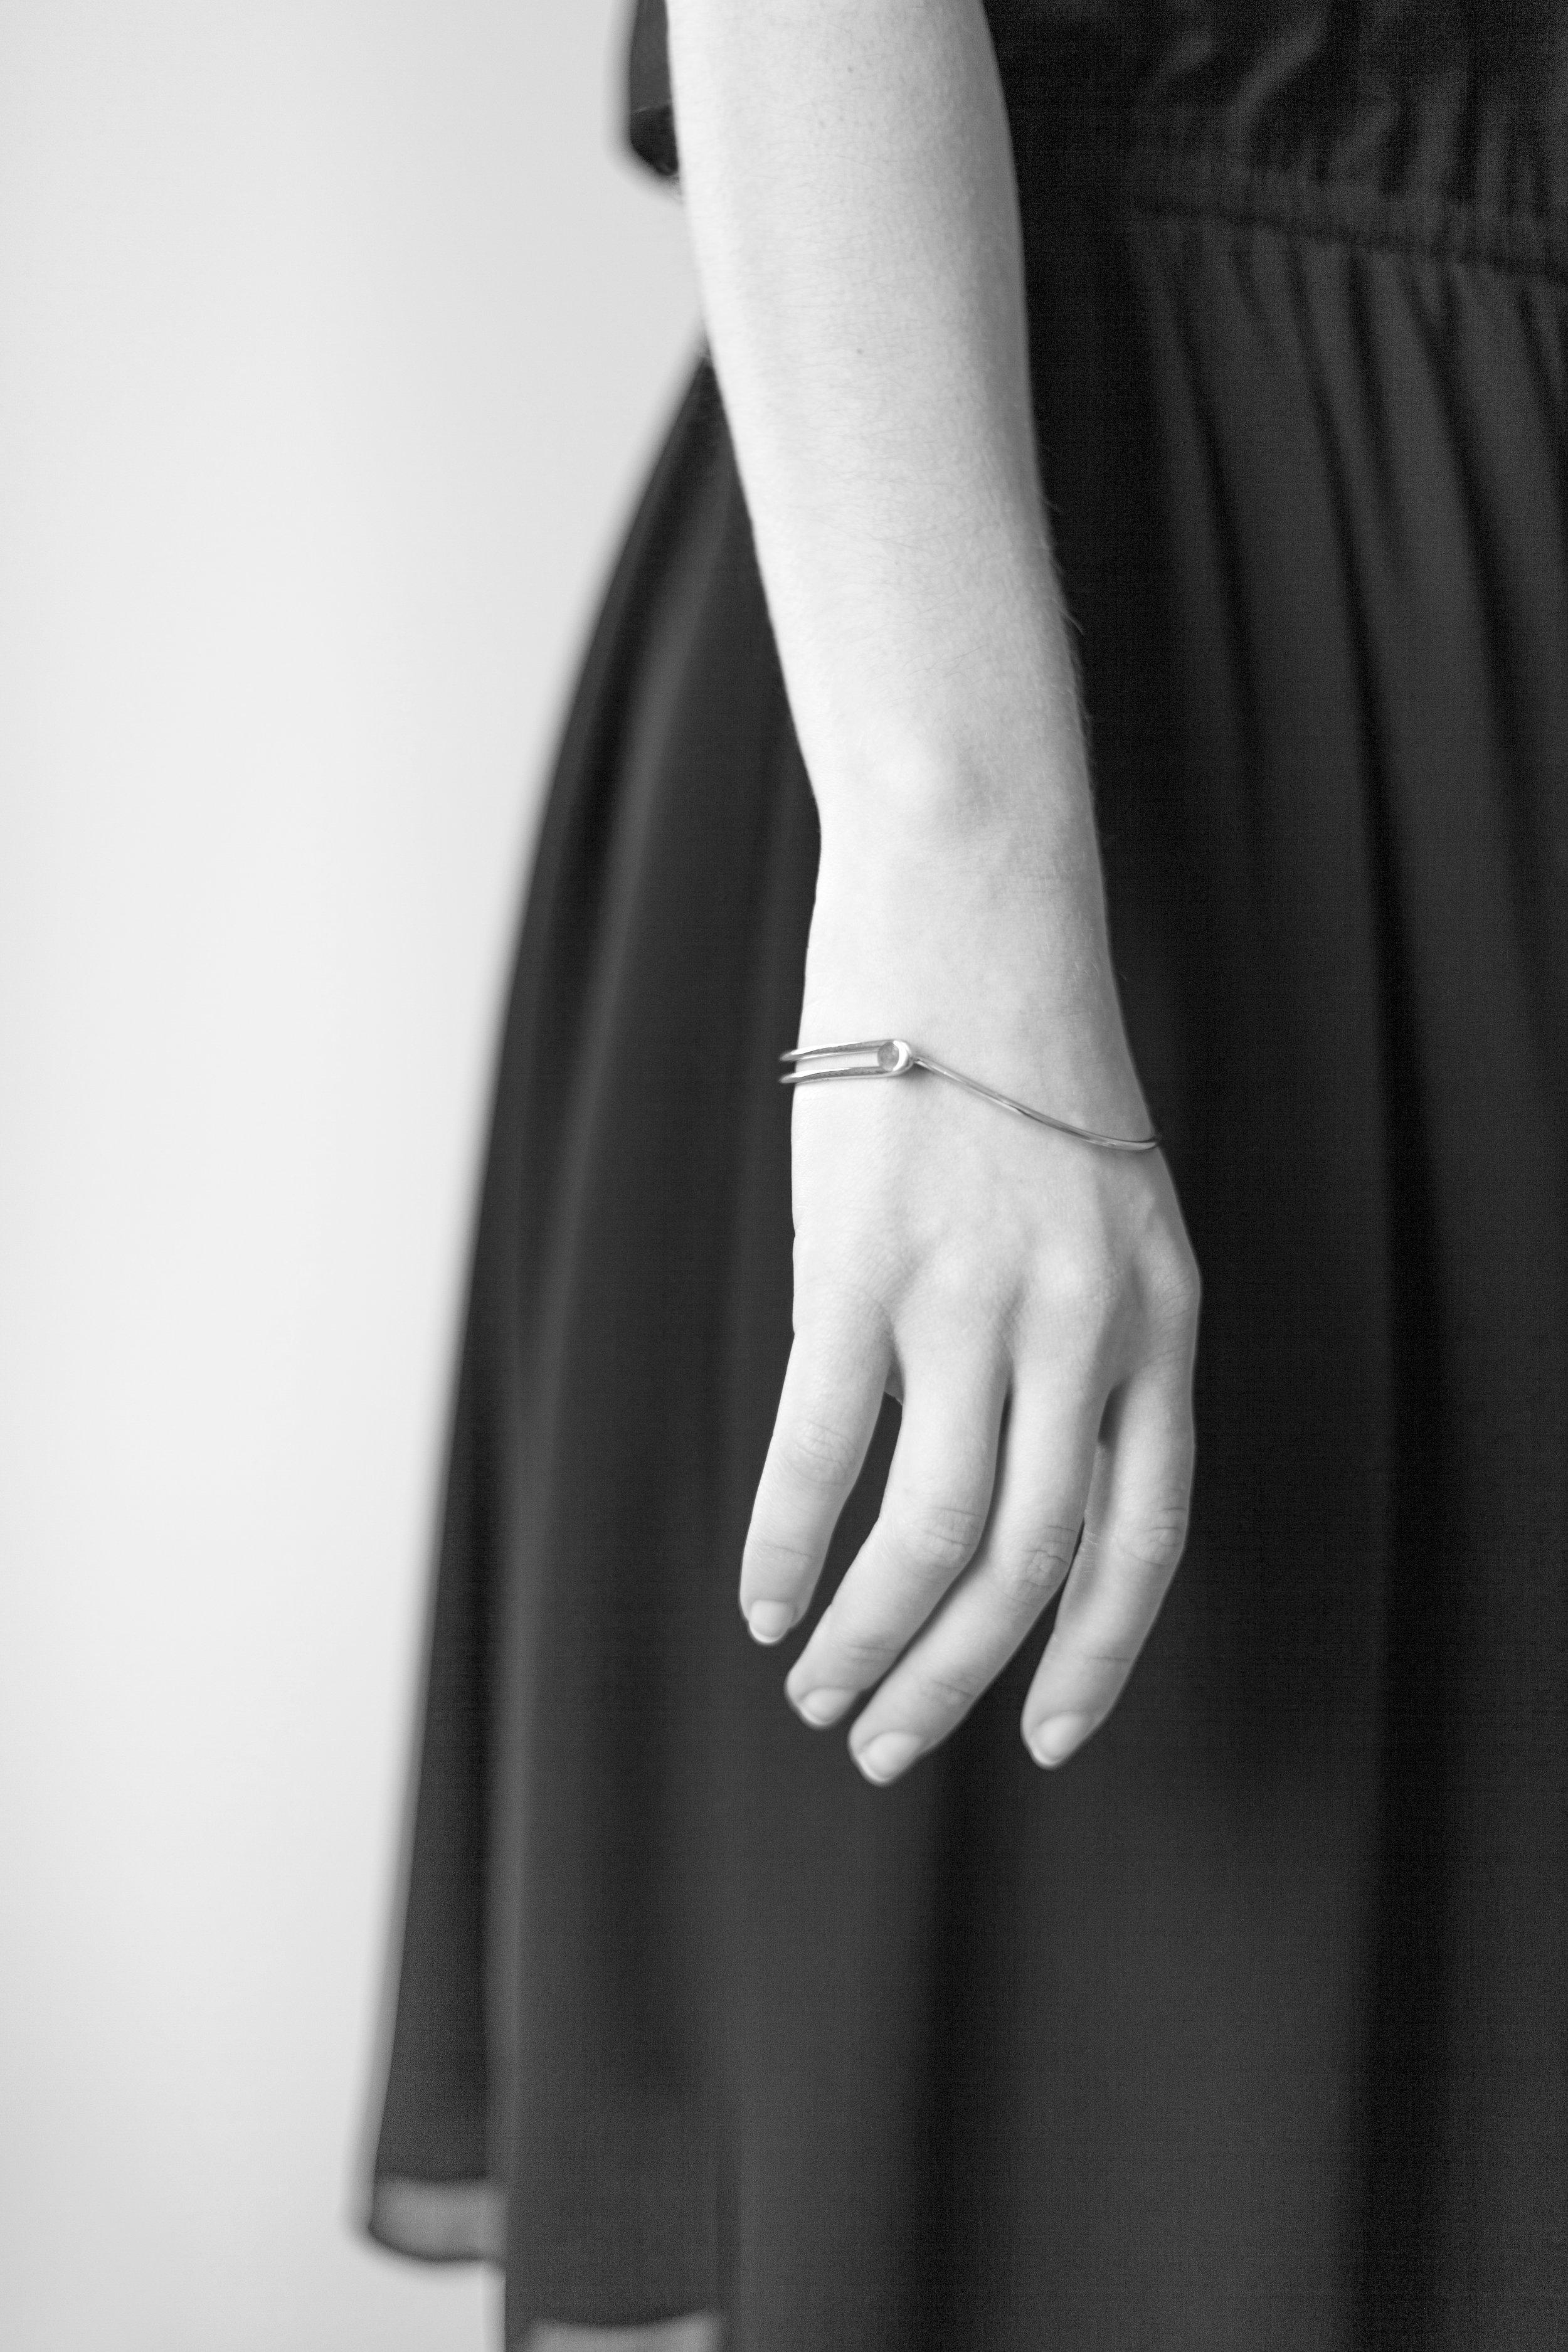 Floorwetemans_finejewelry_handwith bracelet